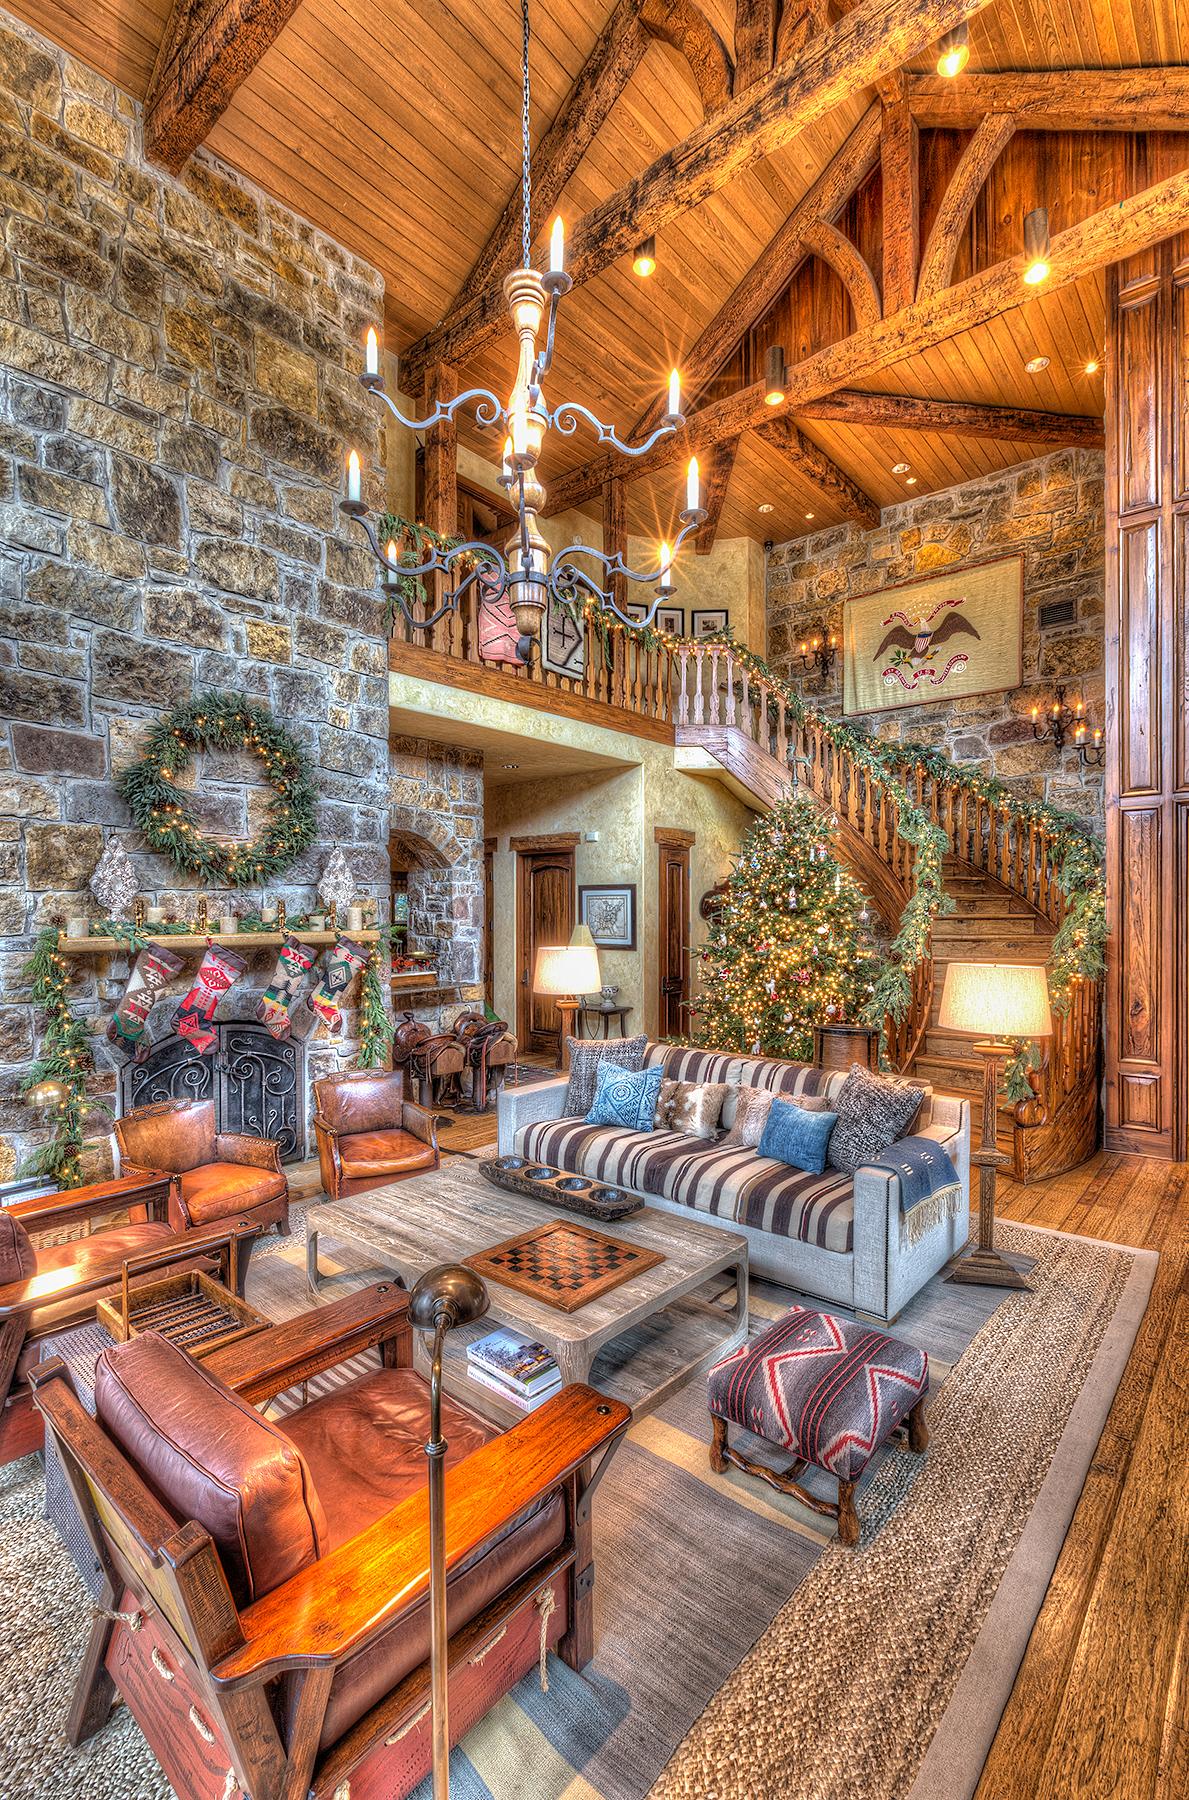 v_davidson_livingroom-vertical.jpg